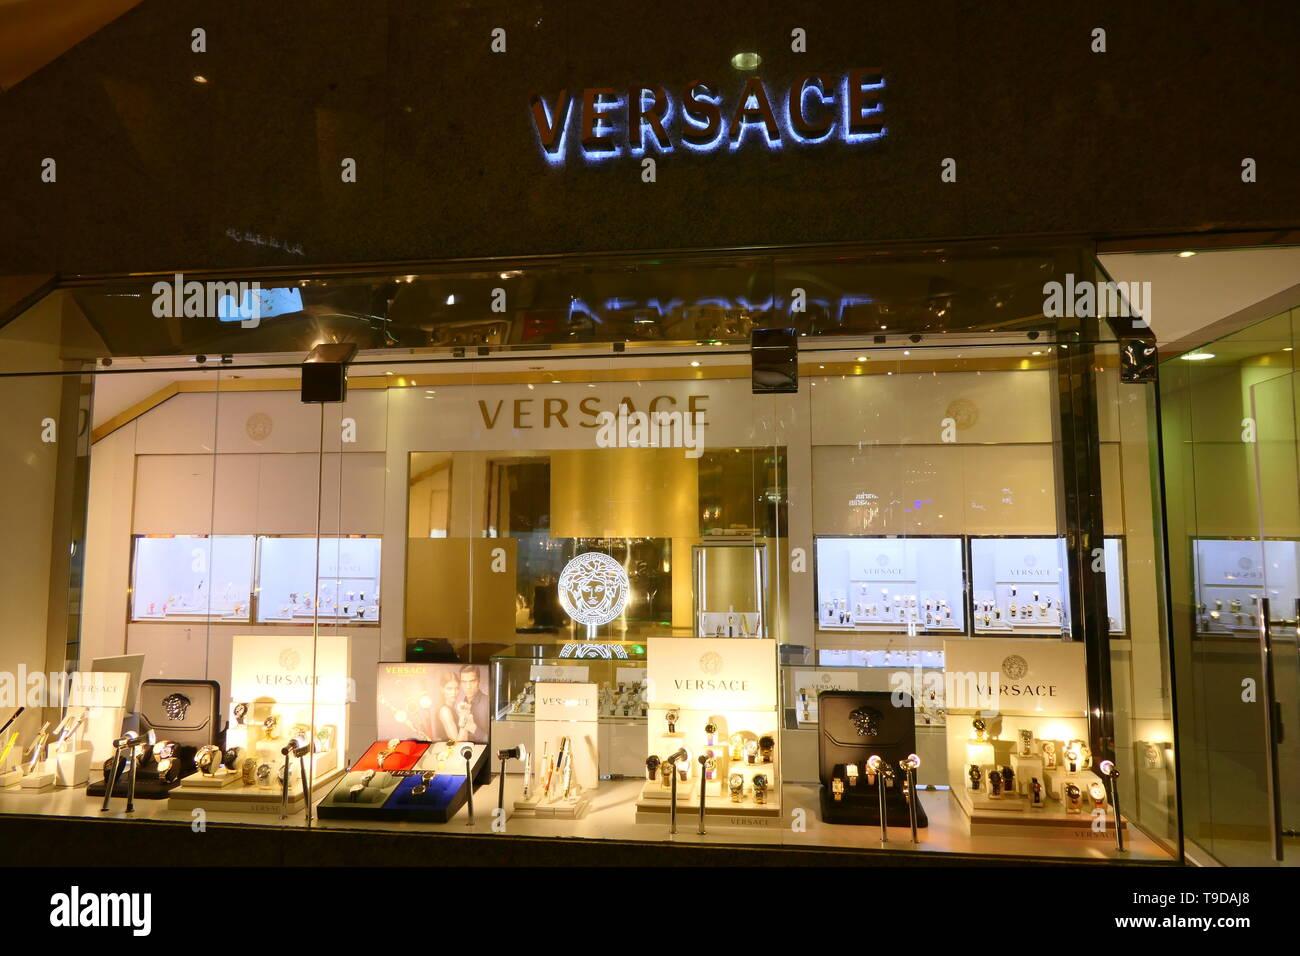 40f77964e3 Riad, Arabia Saudita - Diciembre 16, 2018: Versace tienda boutique de lujo  en